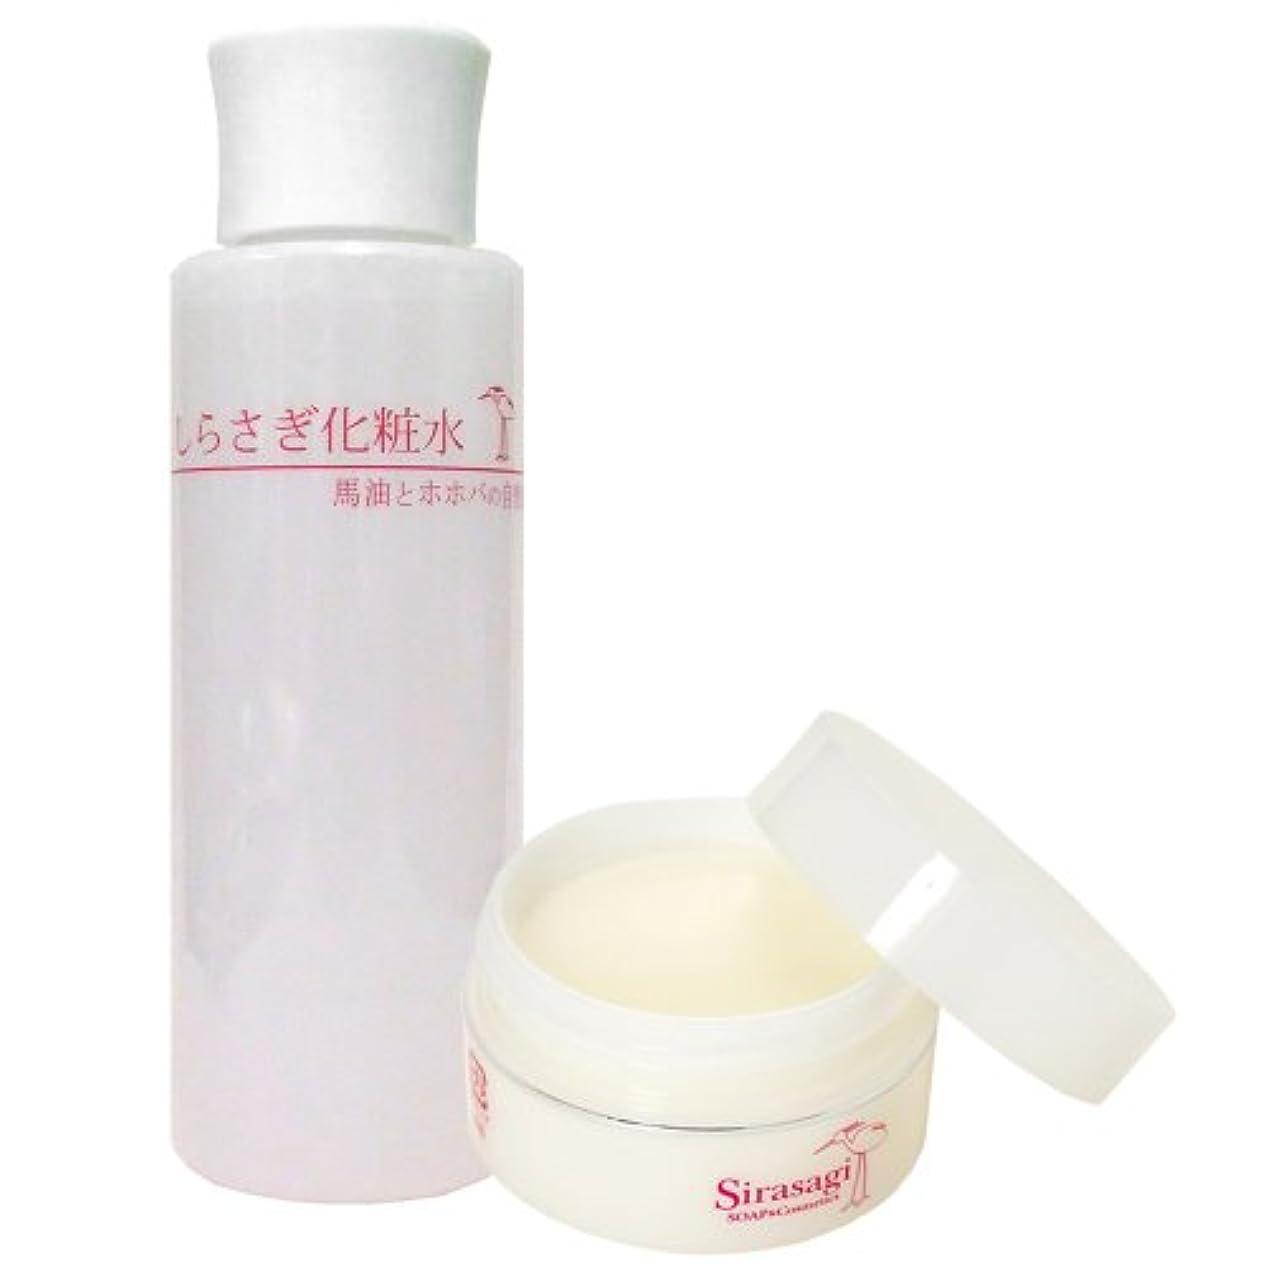 モディッシュボクシング周辺しらさぎクリーム(無香料)としらさぎ化粧水のセット